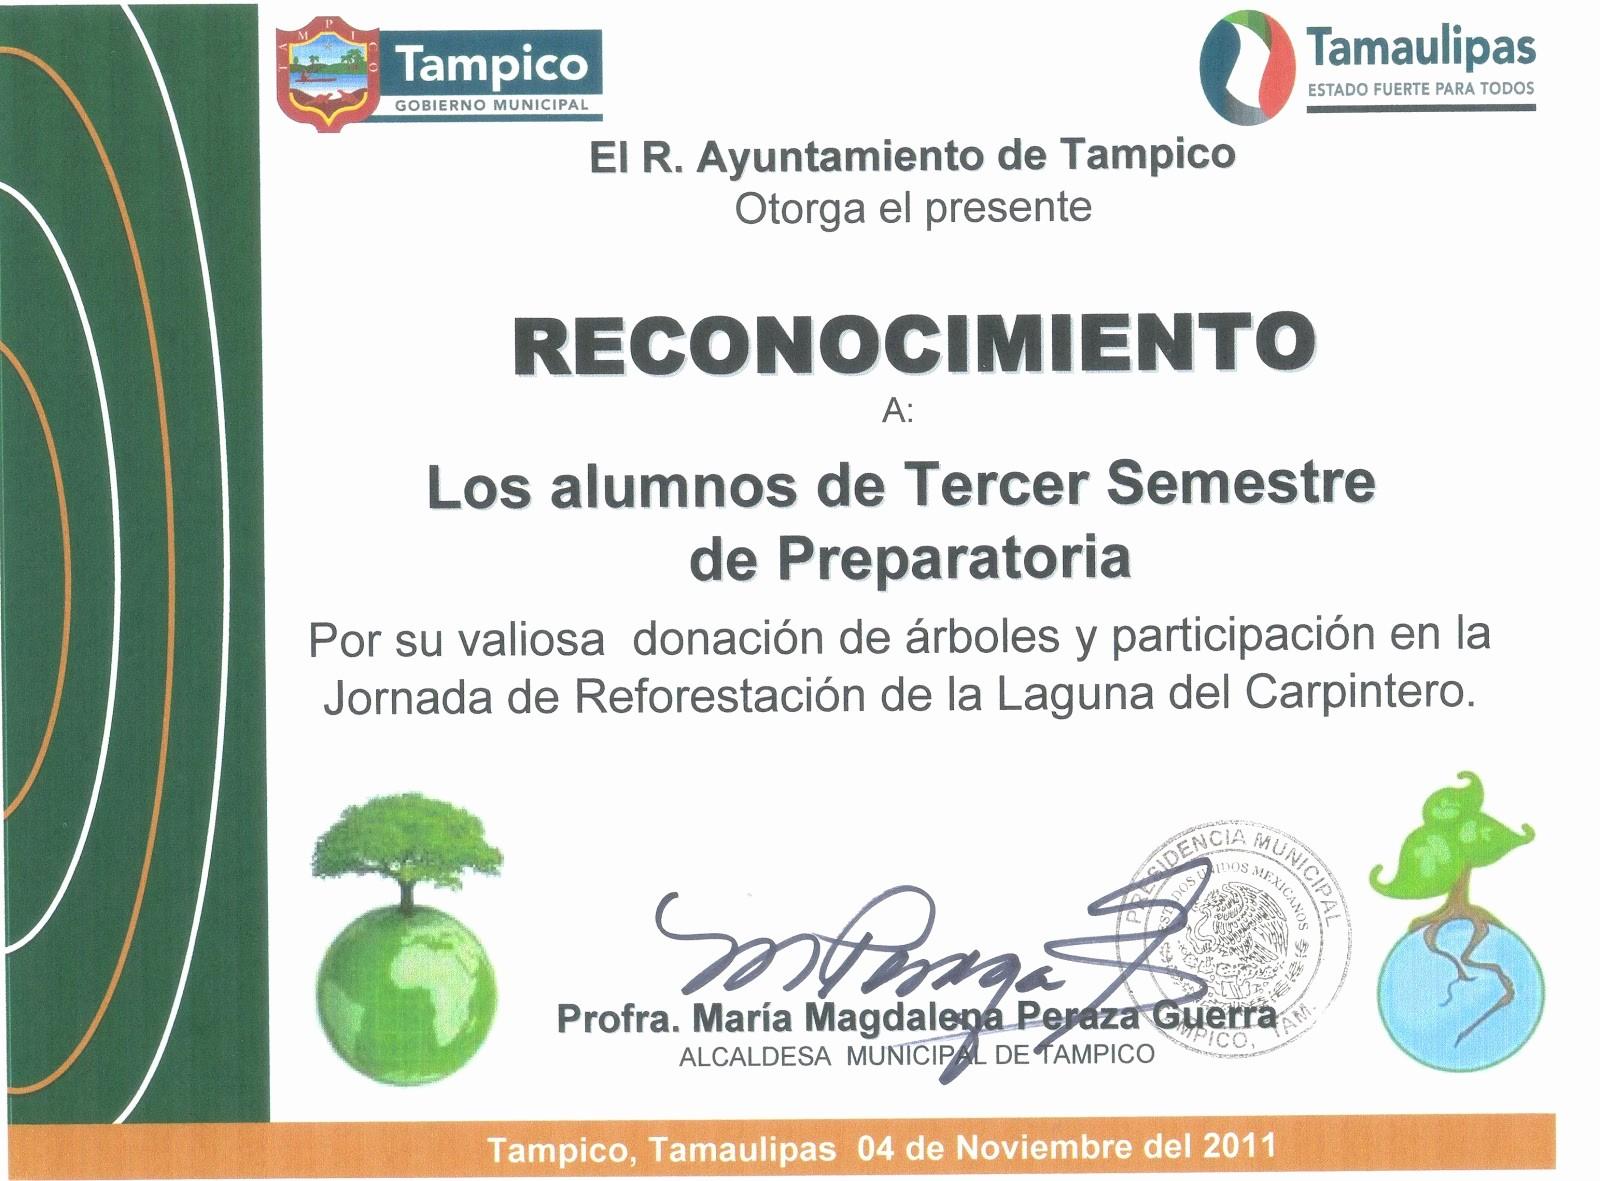 Ejemplo De Certificados De Reconocimiento Luxury Ejemplo De Certificado De Reconocimiento Para Iglesia